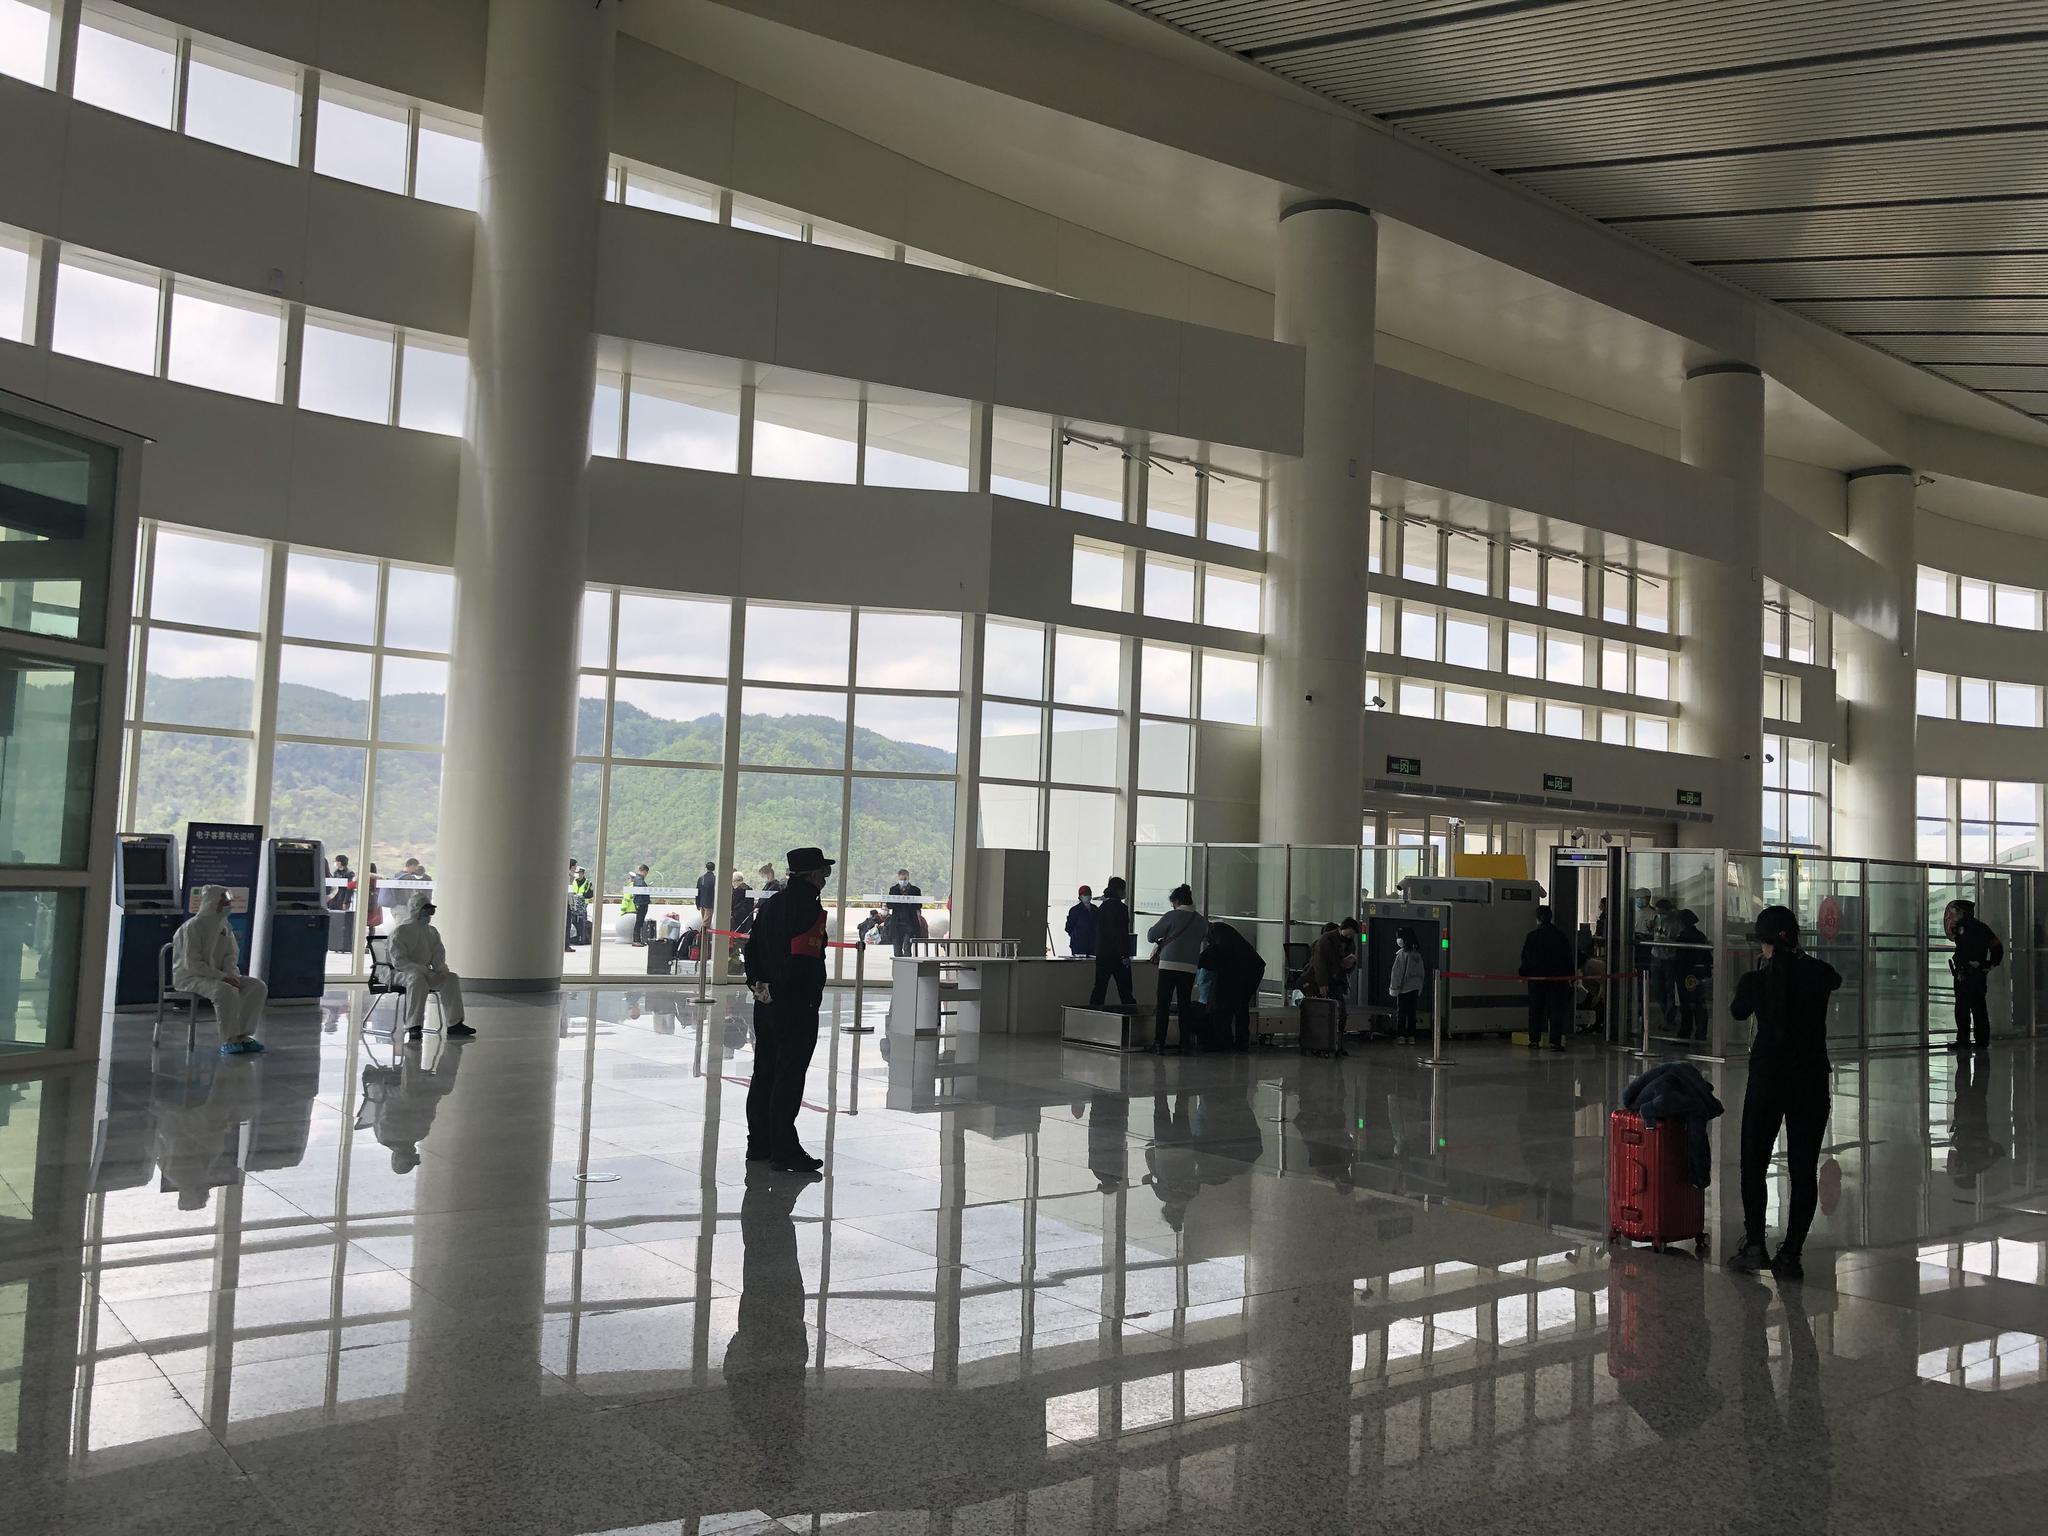 十堰东站候车大厅,与往常相比人流少了很多。受访者供图